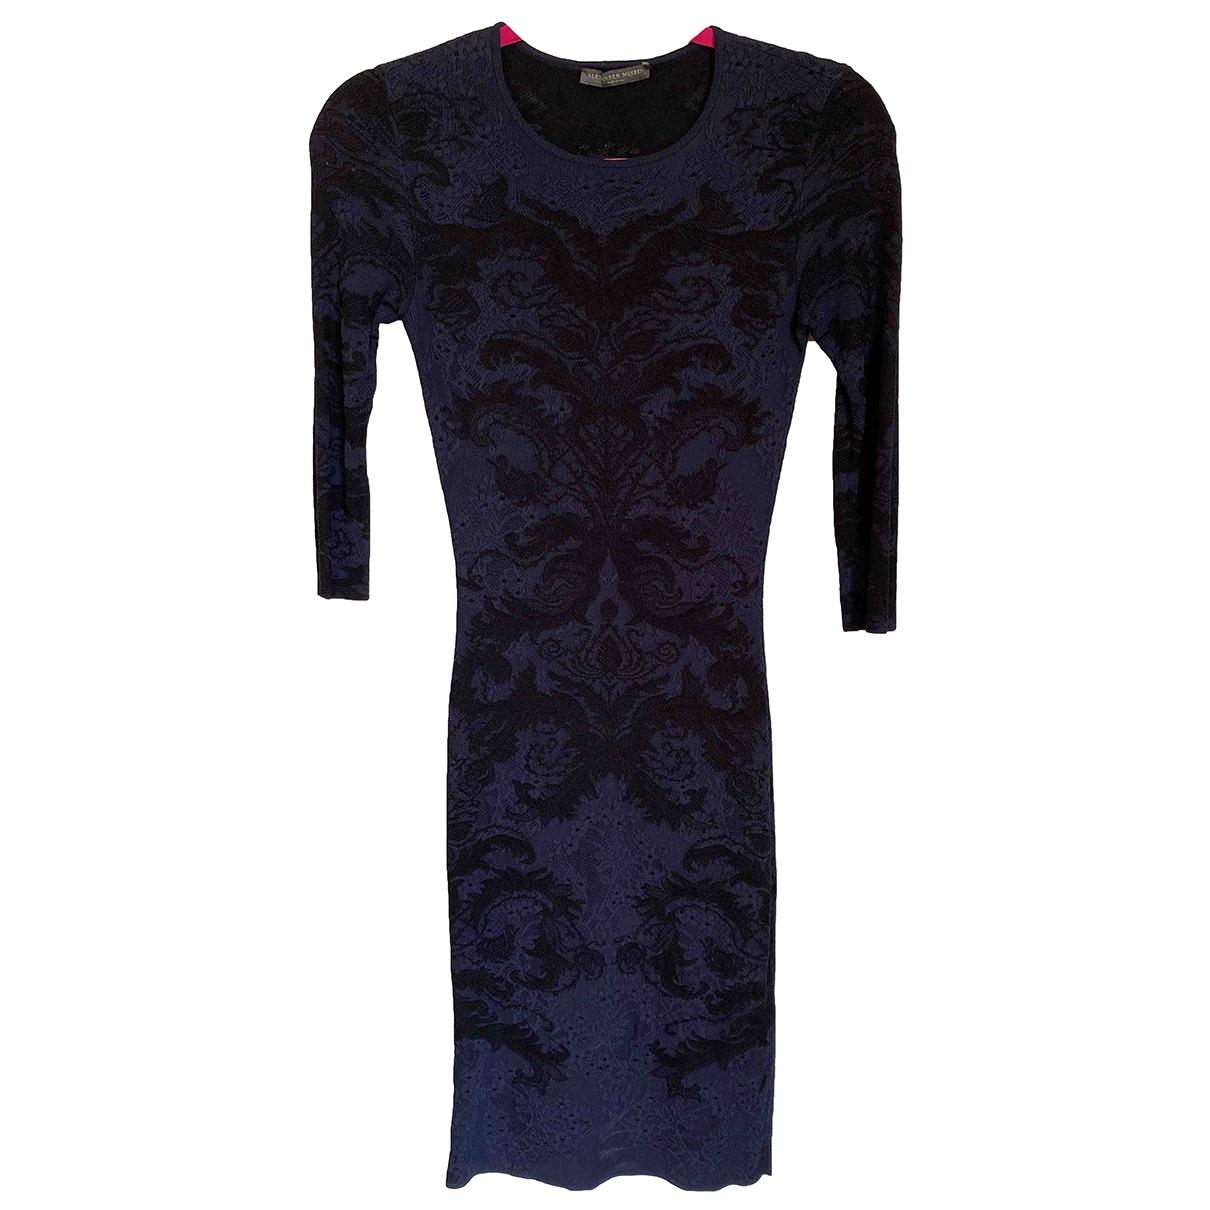 Alexander Mcqueen \N Black dress for Women 36 IT